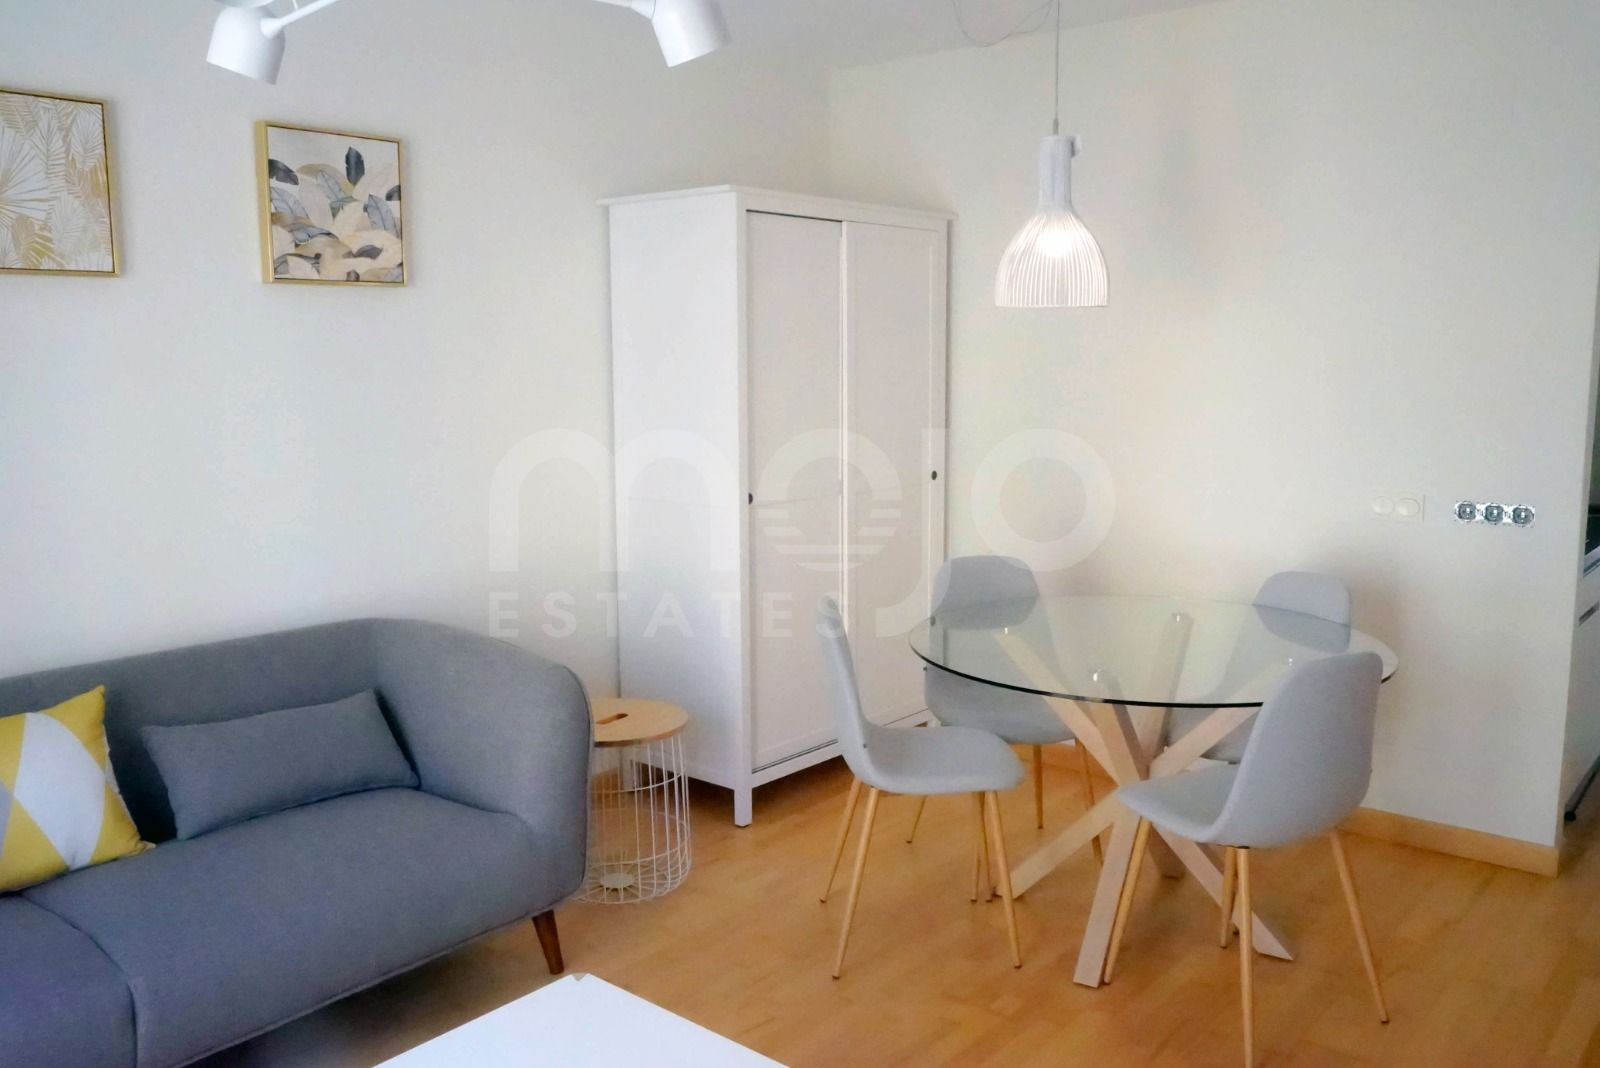 Studio for sale in El Molinillo - Capuchinos, Malaga